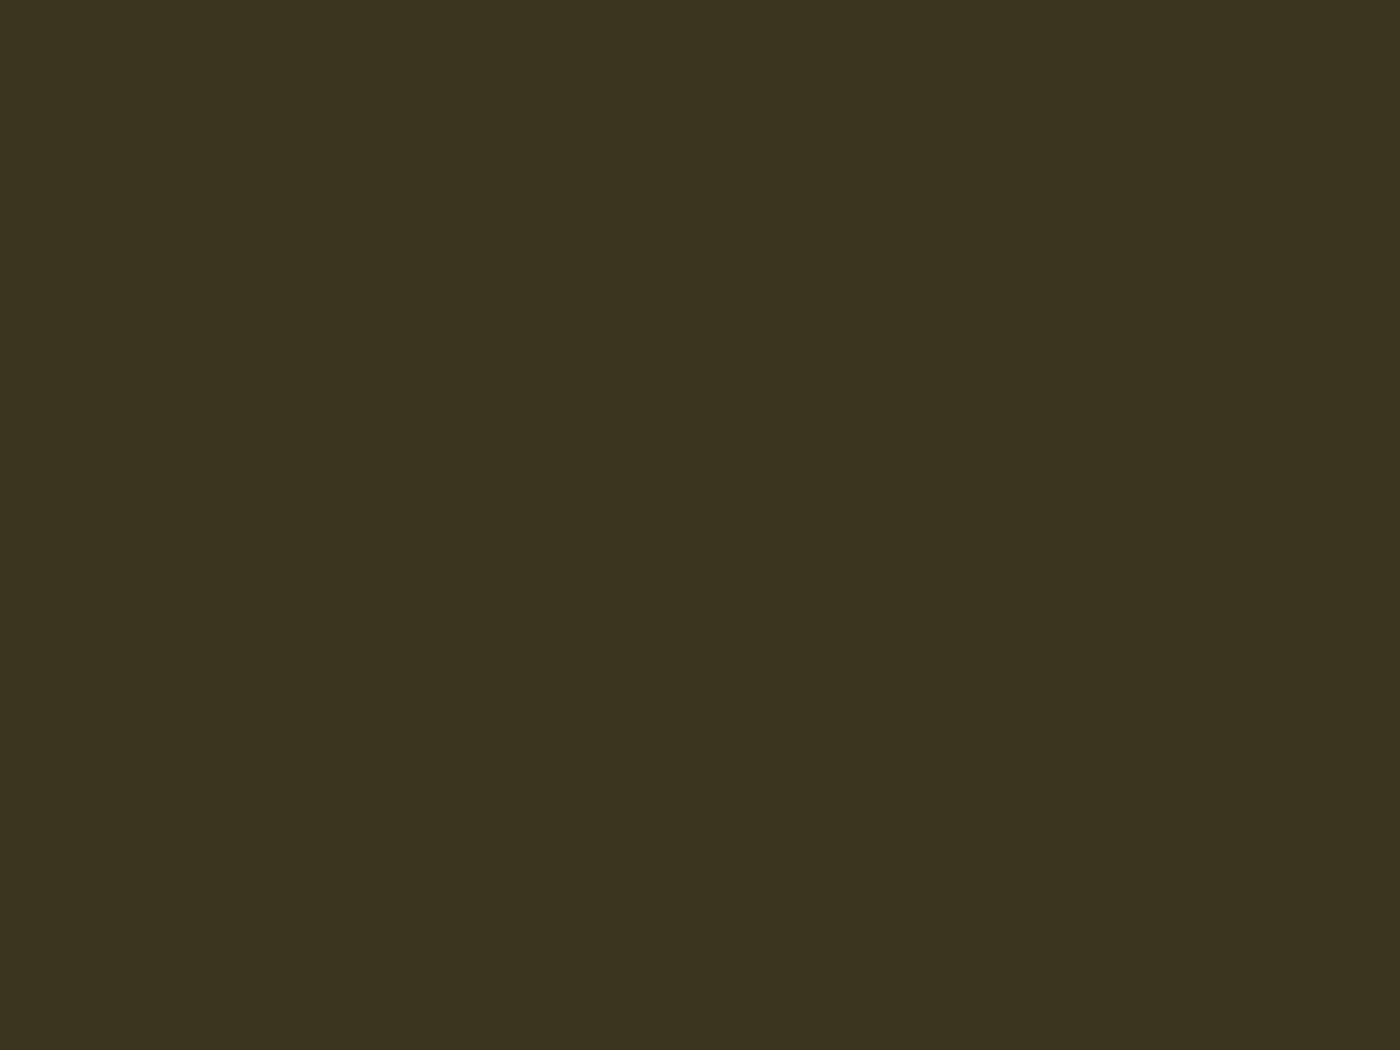 1400x1050 Olive Drab Number Seven Solid Color Background